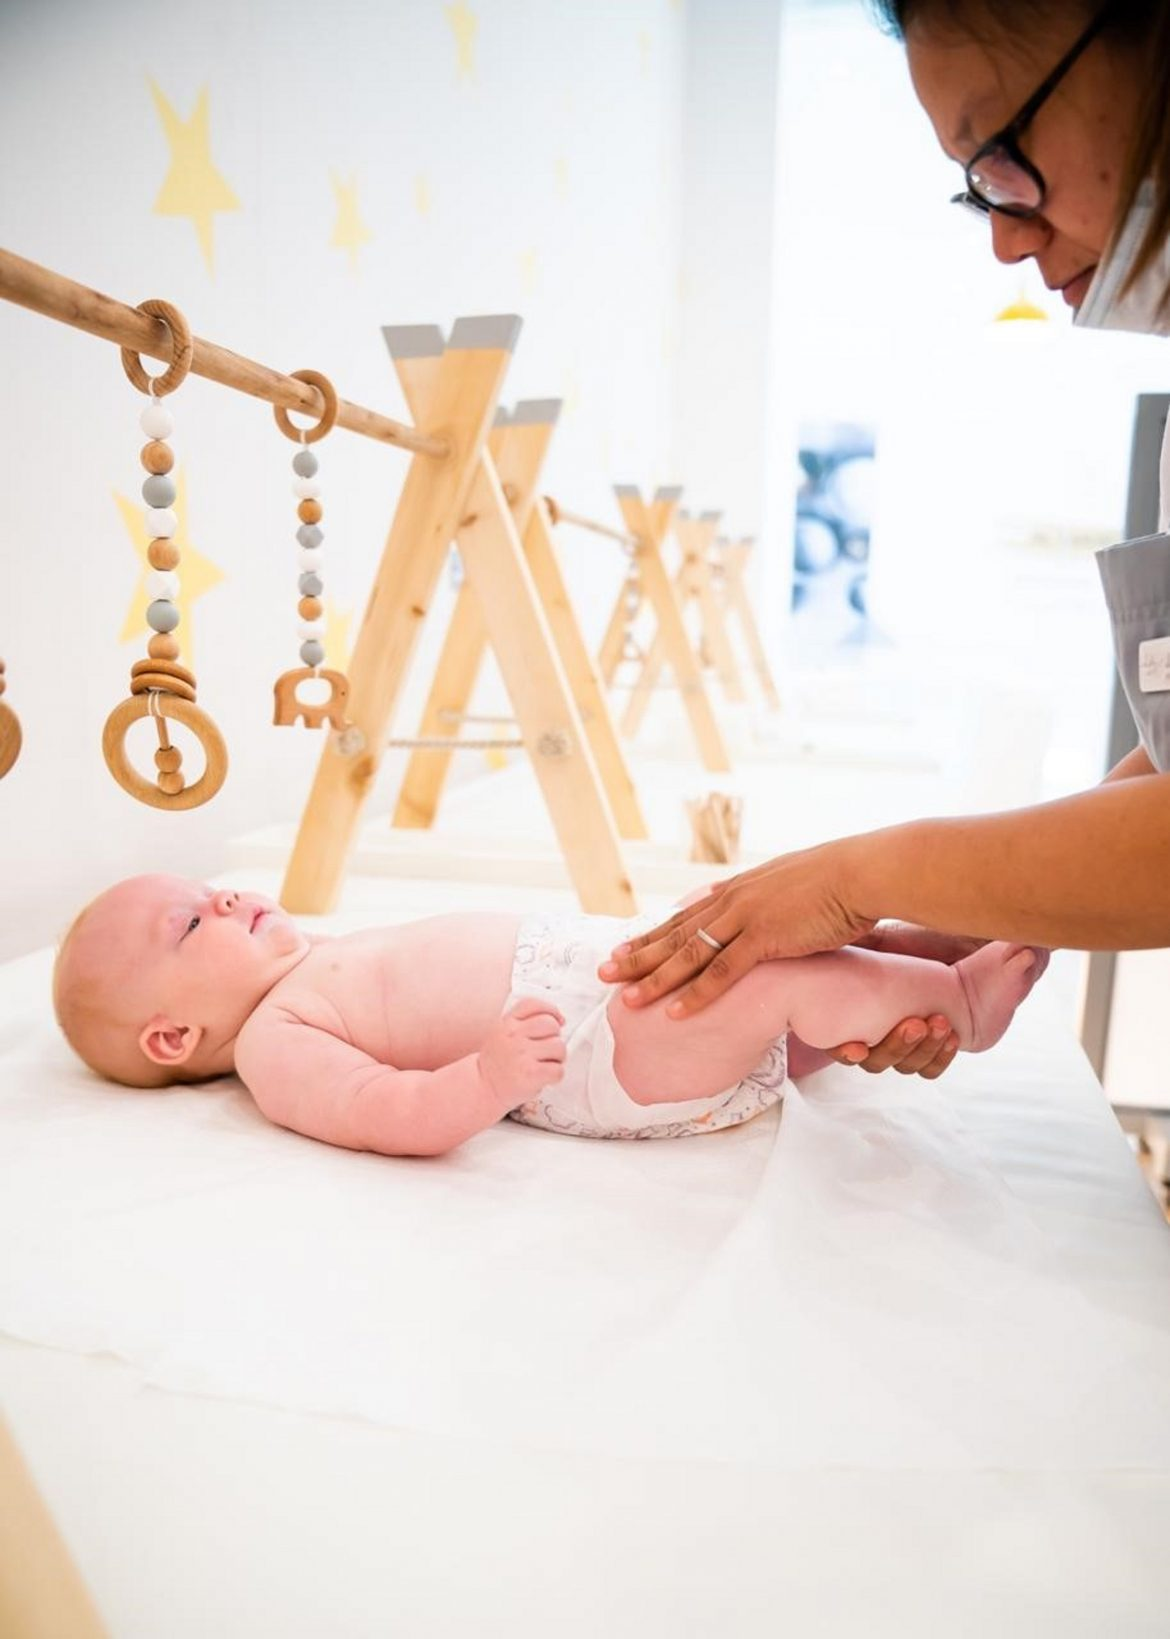 ياس مول يفتتح وجهات جديدة و حصرية تقدم العناية والترفيه للأطفال